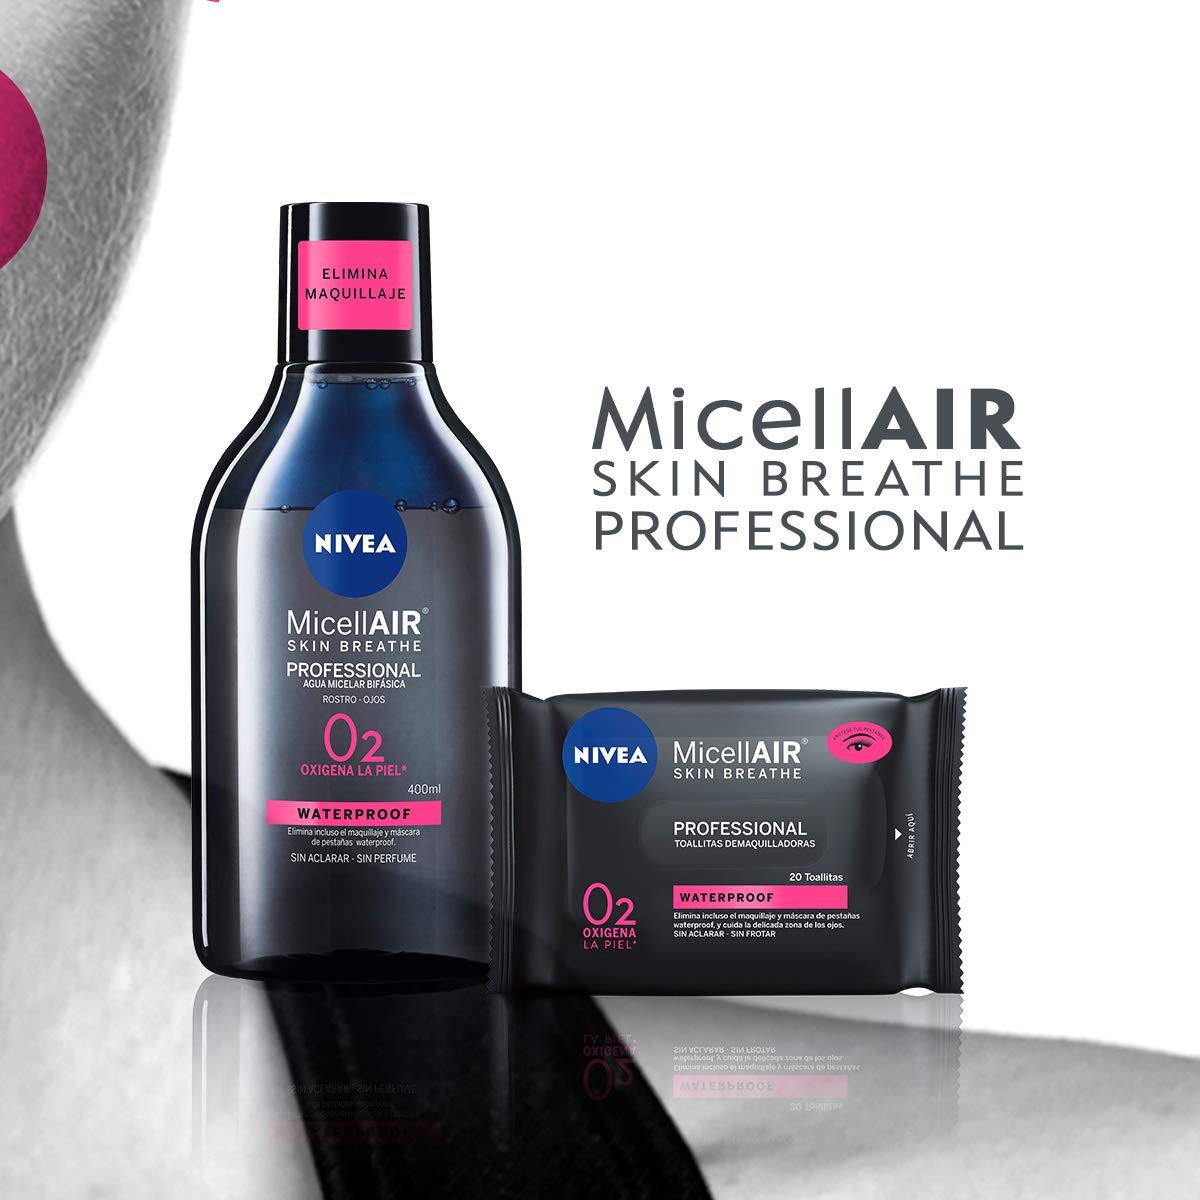 NIVEA MicellAIR Professional Agua Micelar Bifásica, agua micelar para limpieza facial, desmaquillador de ojos y rostro para todo tipo de piel - pack de 4 (4 ...